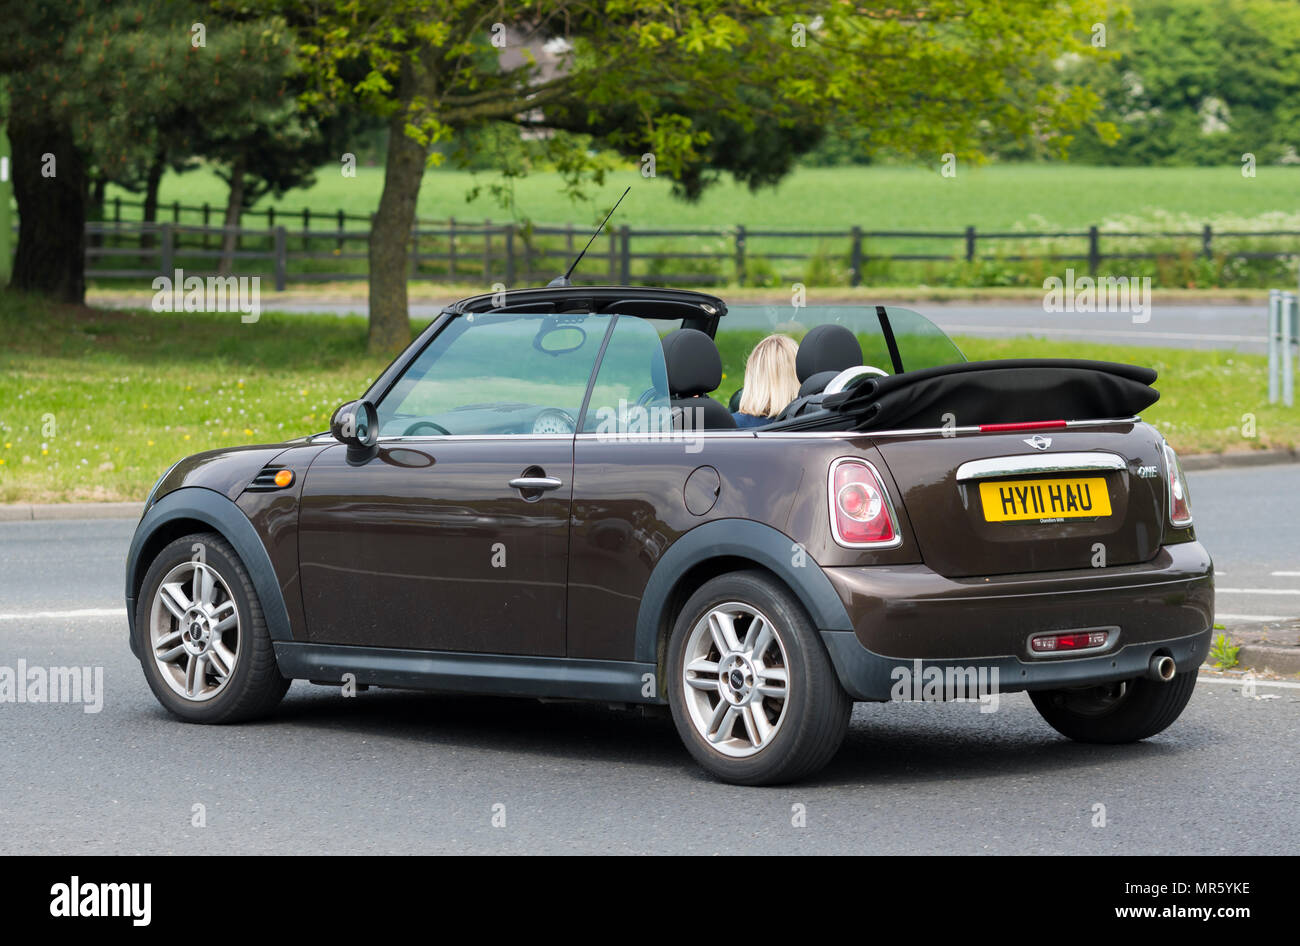 Open top cabriolet mini voiture avec le haut vers le bas conduit par une femme en été au Royaume-Uni. Photo Stock